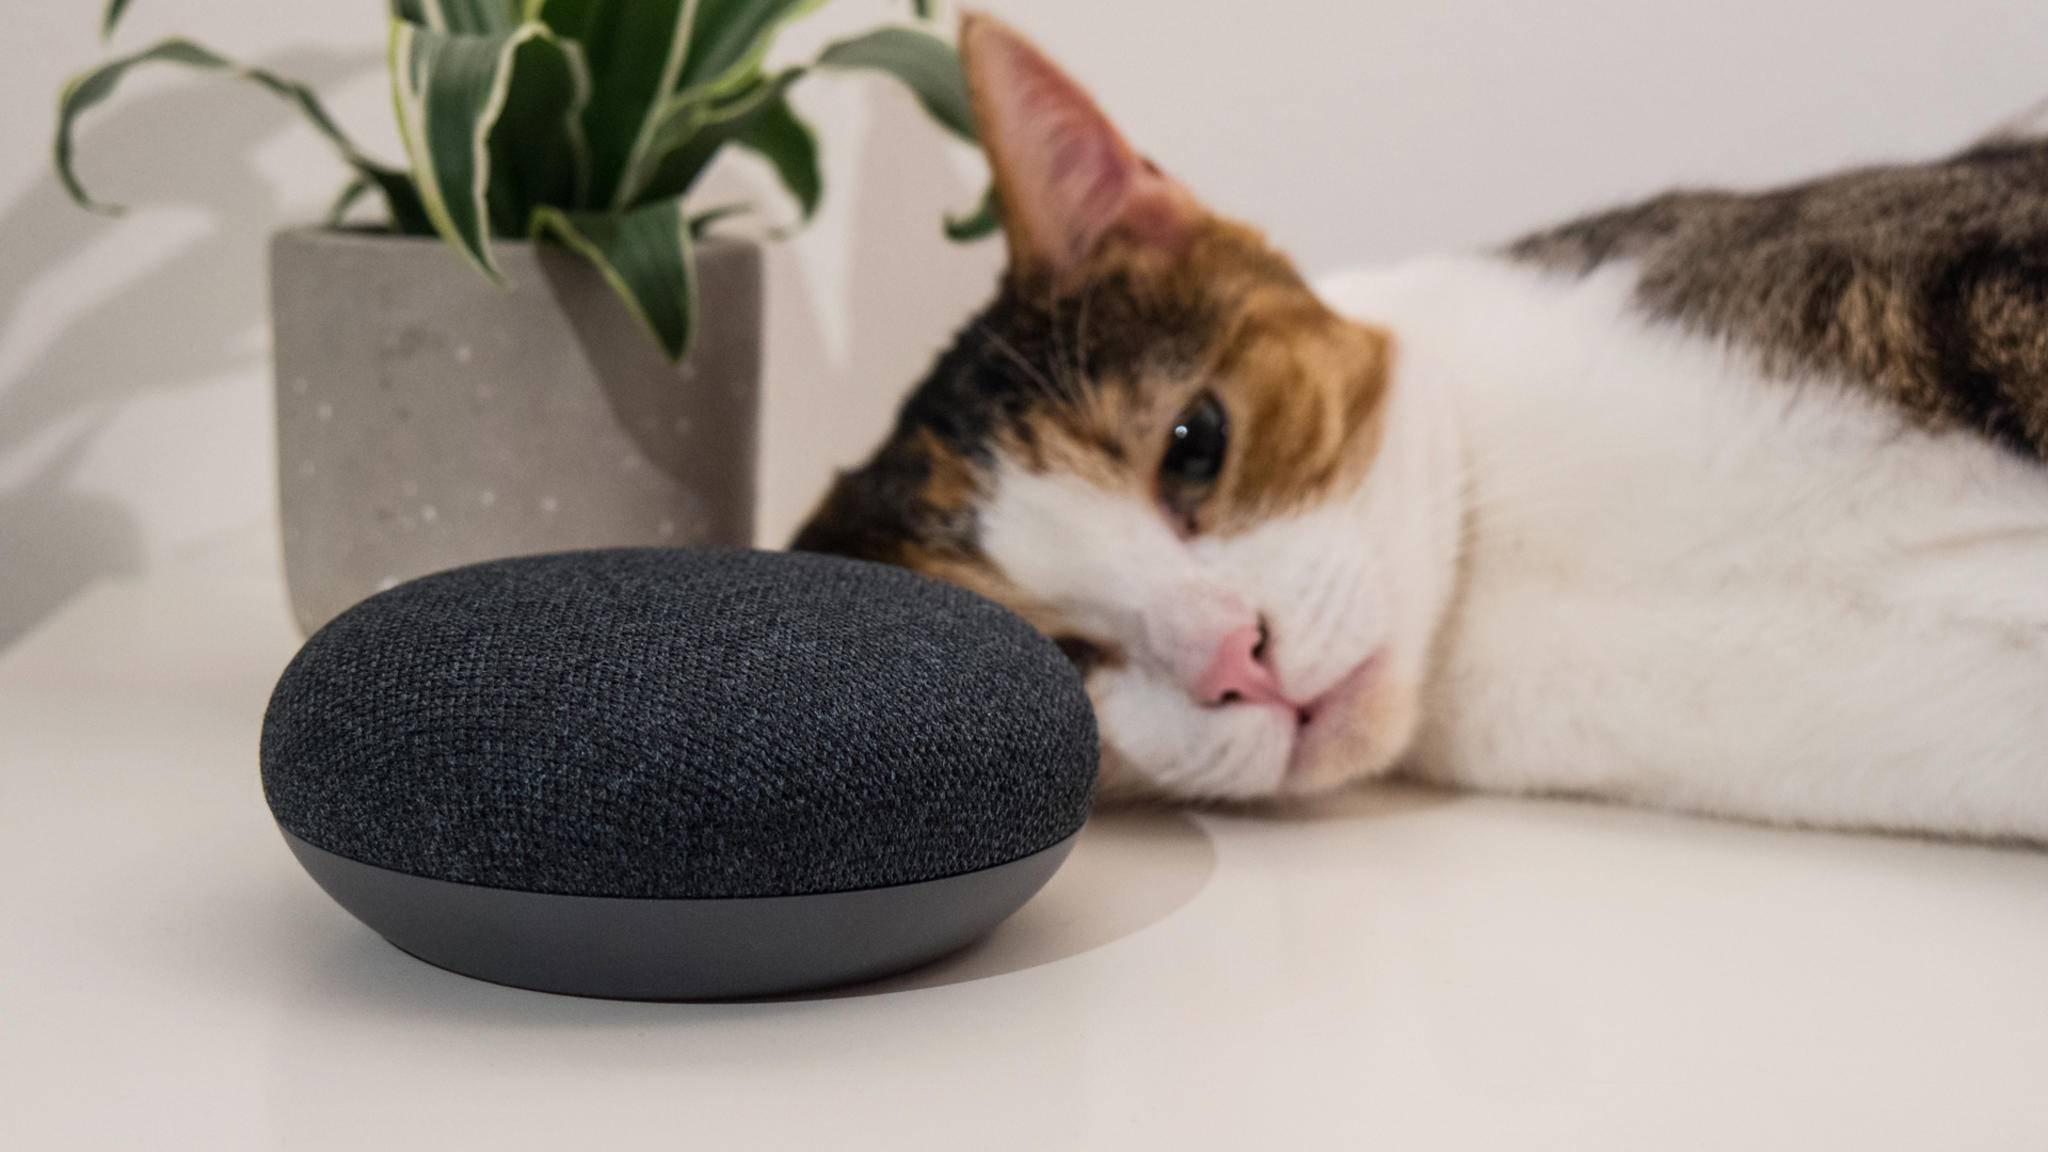 Smart Speaker verändern unseren Alltag - aber sind sie wirklich so smart?